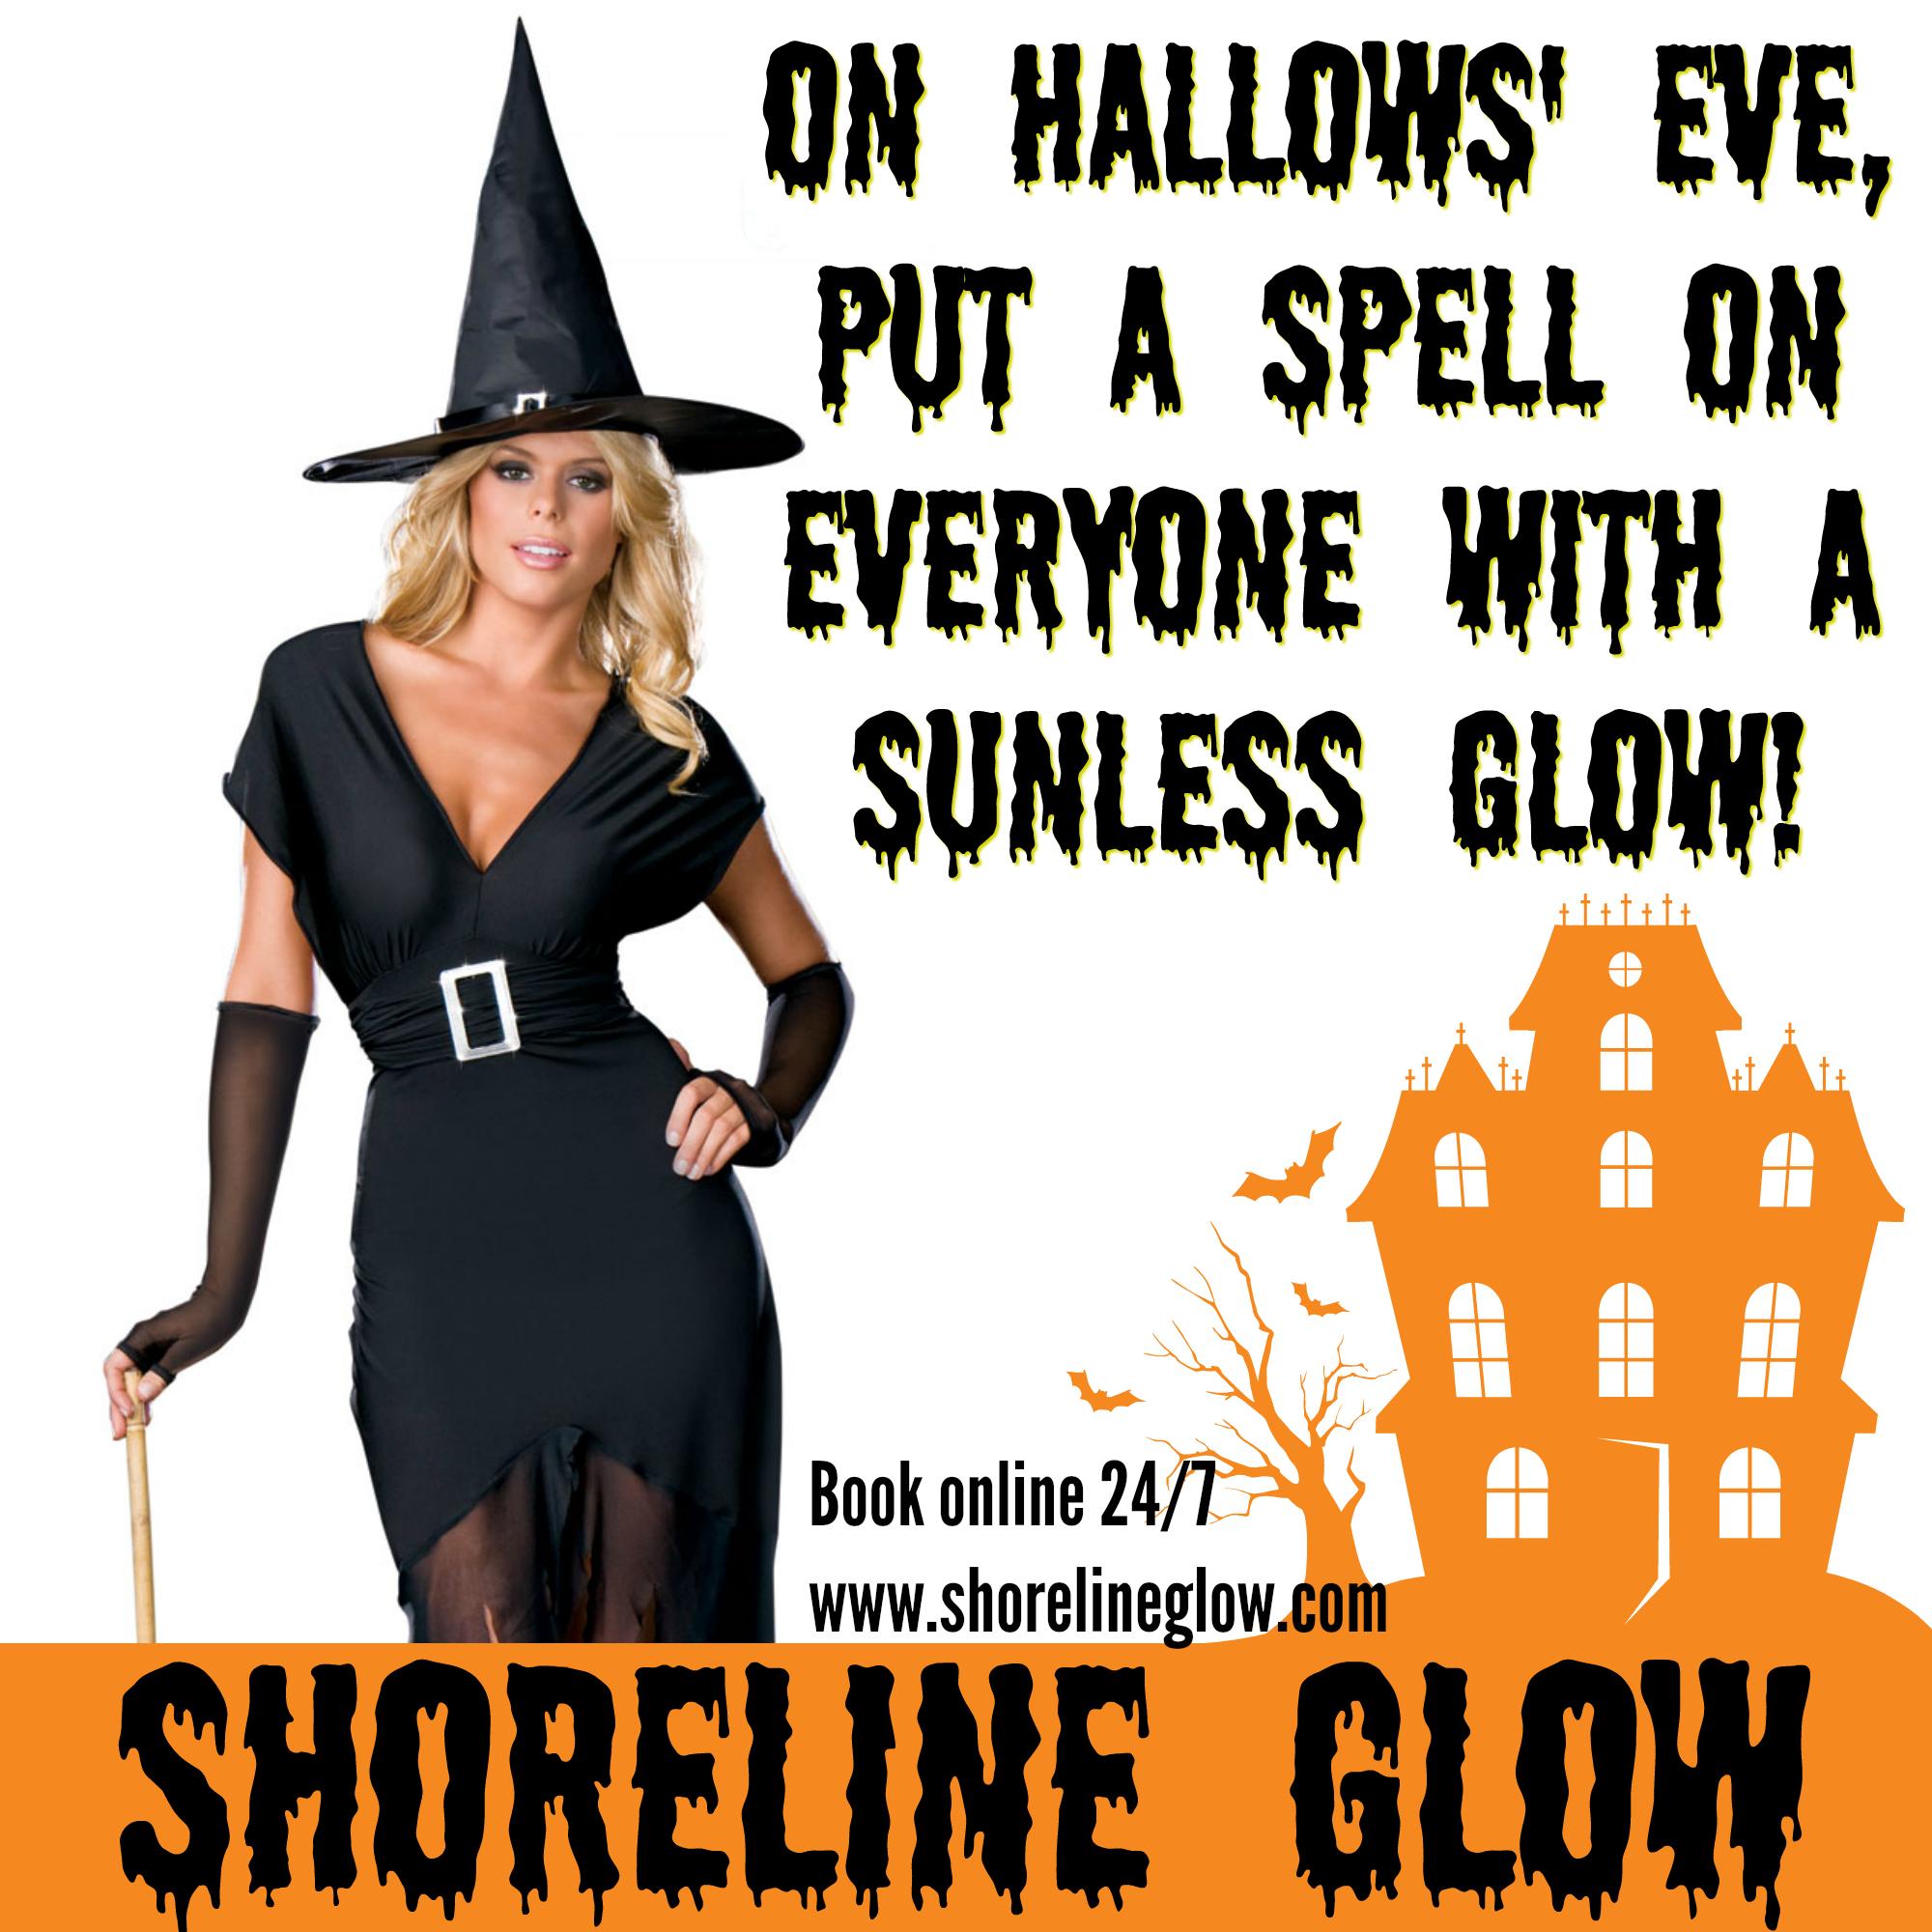 Halloween Spray Tan in Kitchener | Facials, Spray Tan, Waxing | ON ...